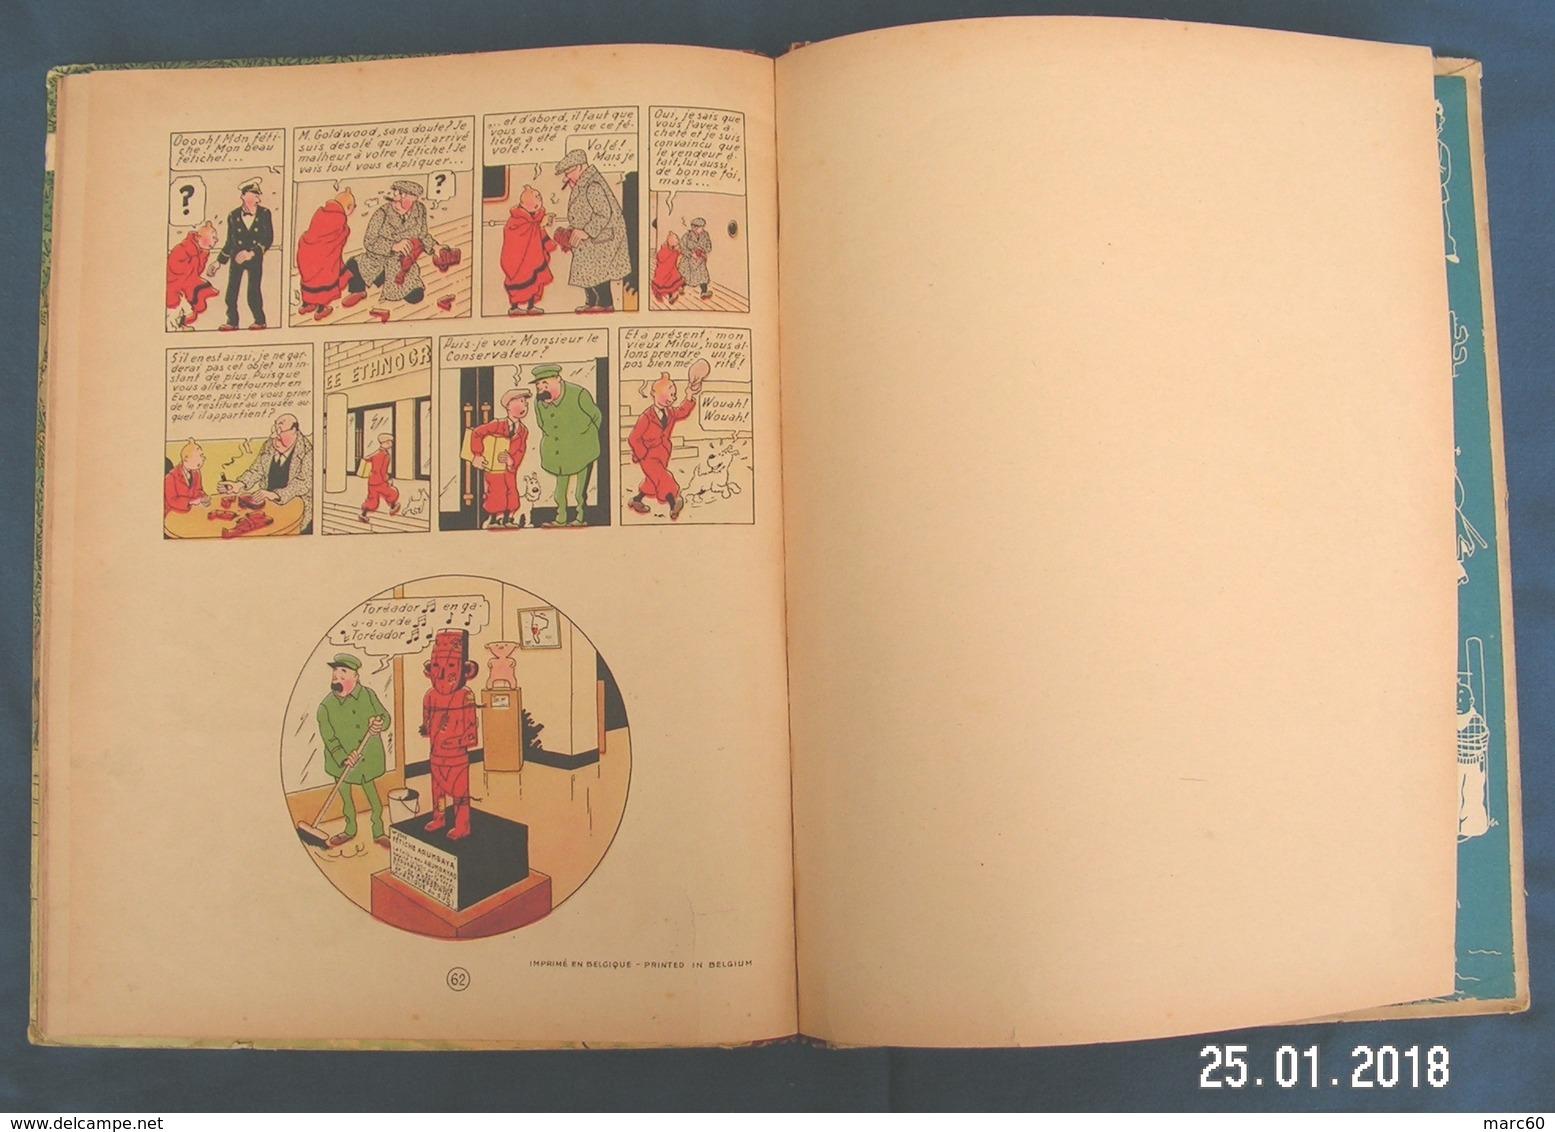 TINTIN - L'Oreille Cassée - HERGÉ - ÉO De 1943 - Cote De 3.500 Euros à L'Argus BDM - Edité Censure 2ème Guerre Mondiale - Tintin